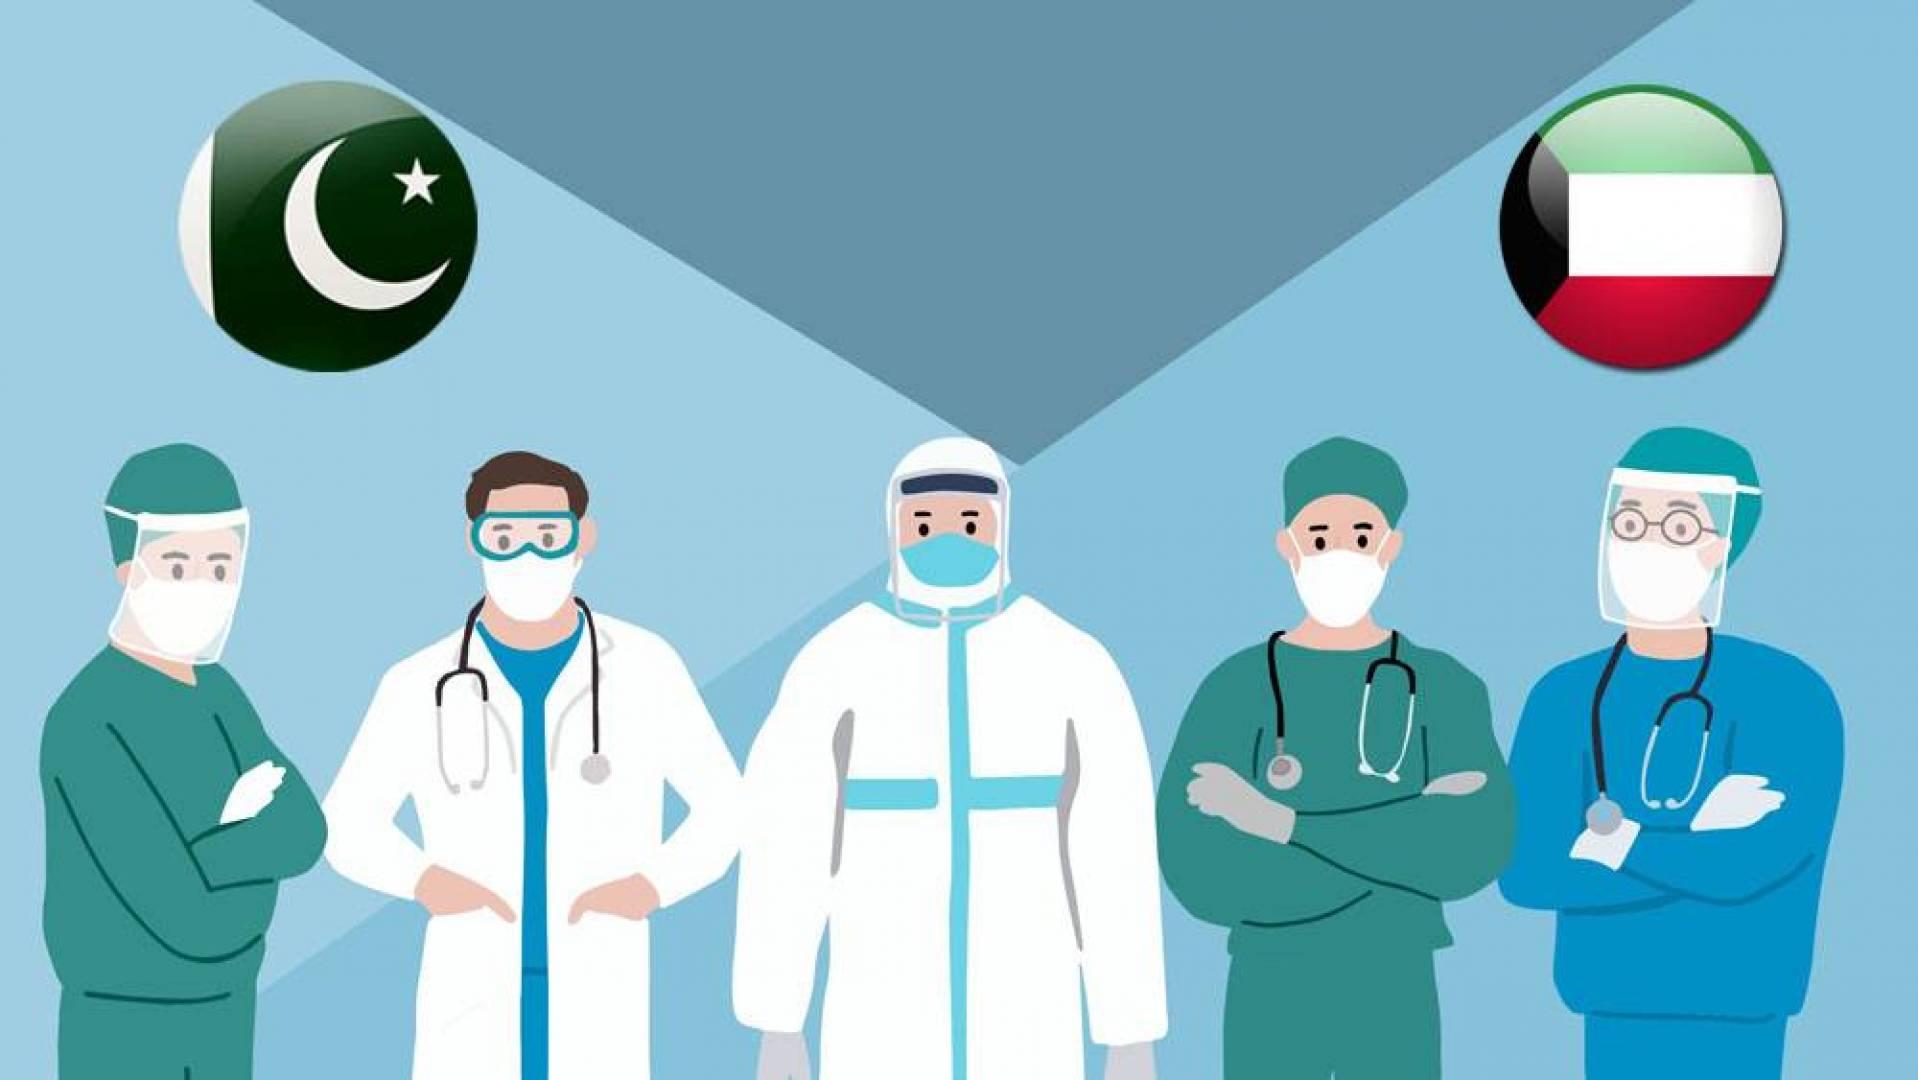 باكستان ترسل 196 من الطواقم الطبية إلى الكويت لمواجهة تفشي «كورونا»